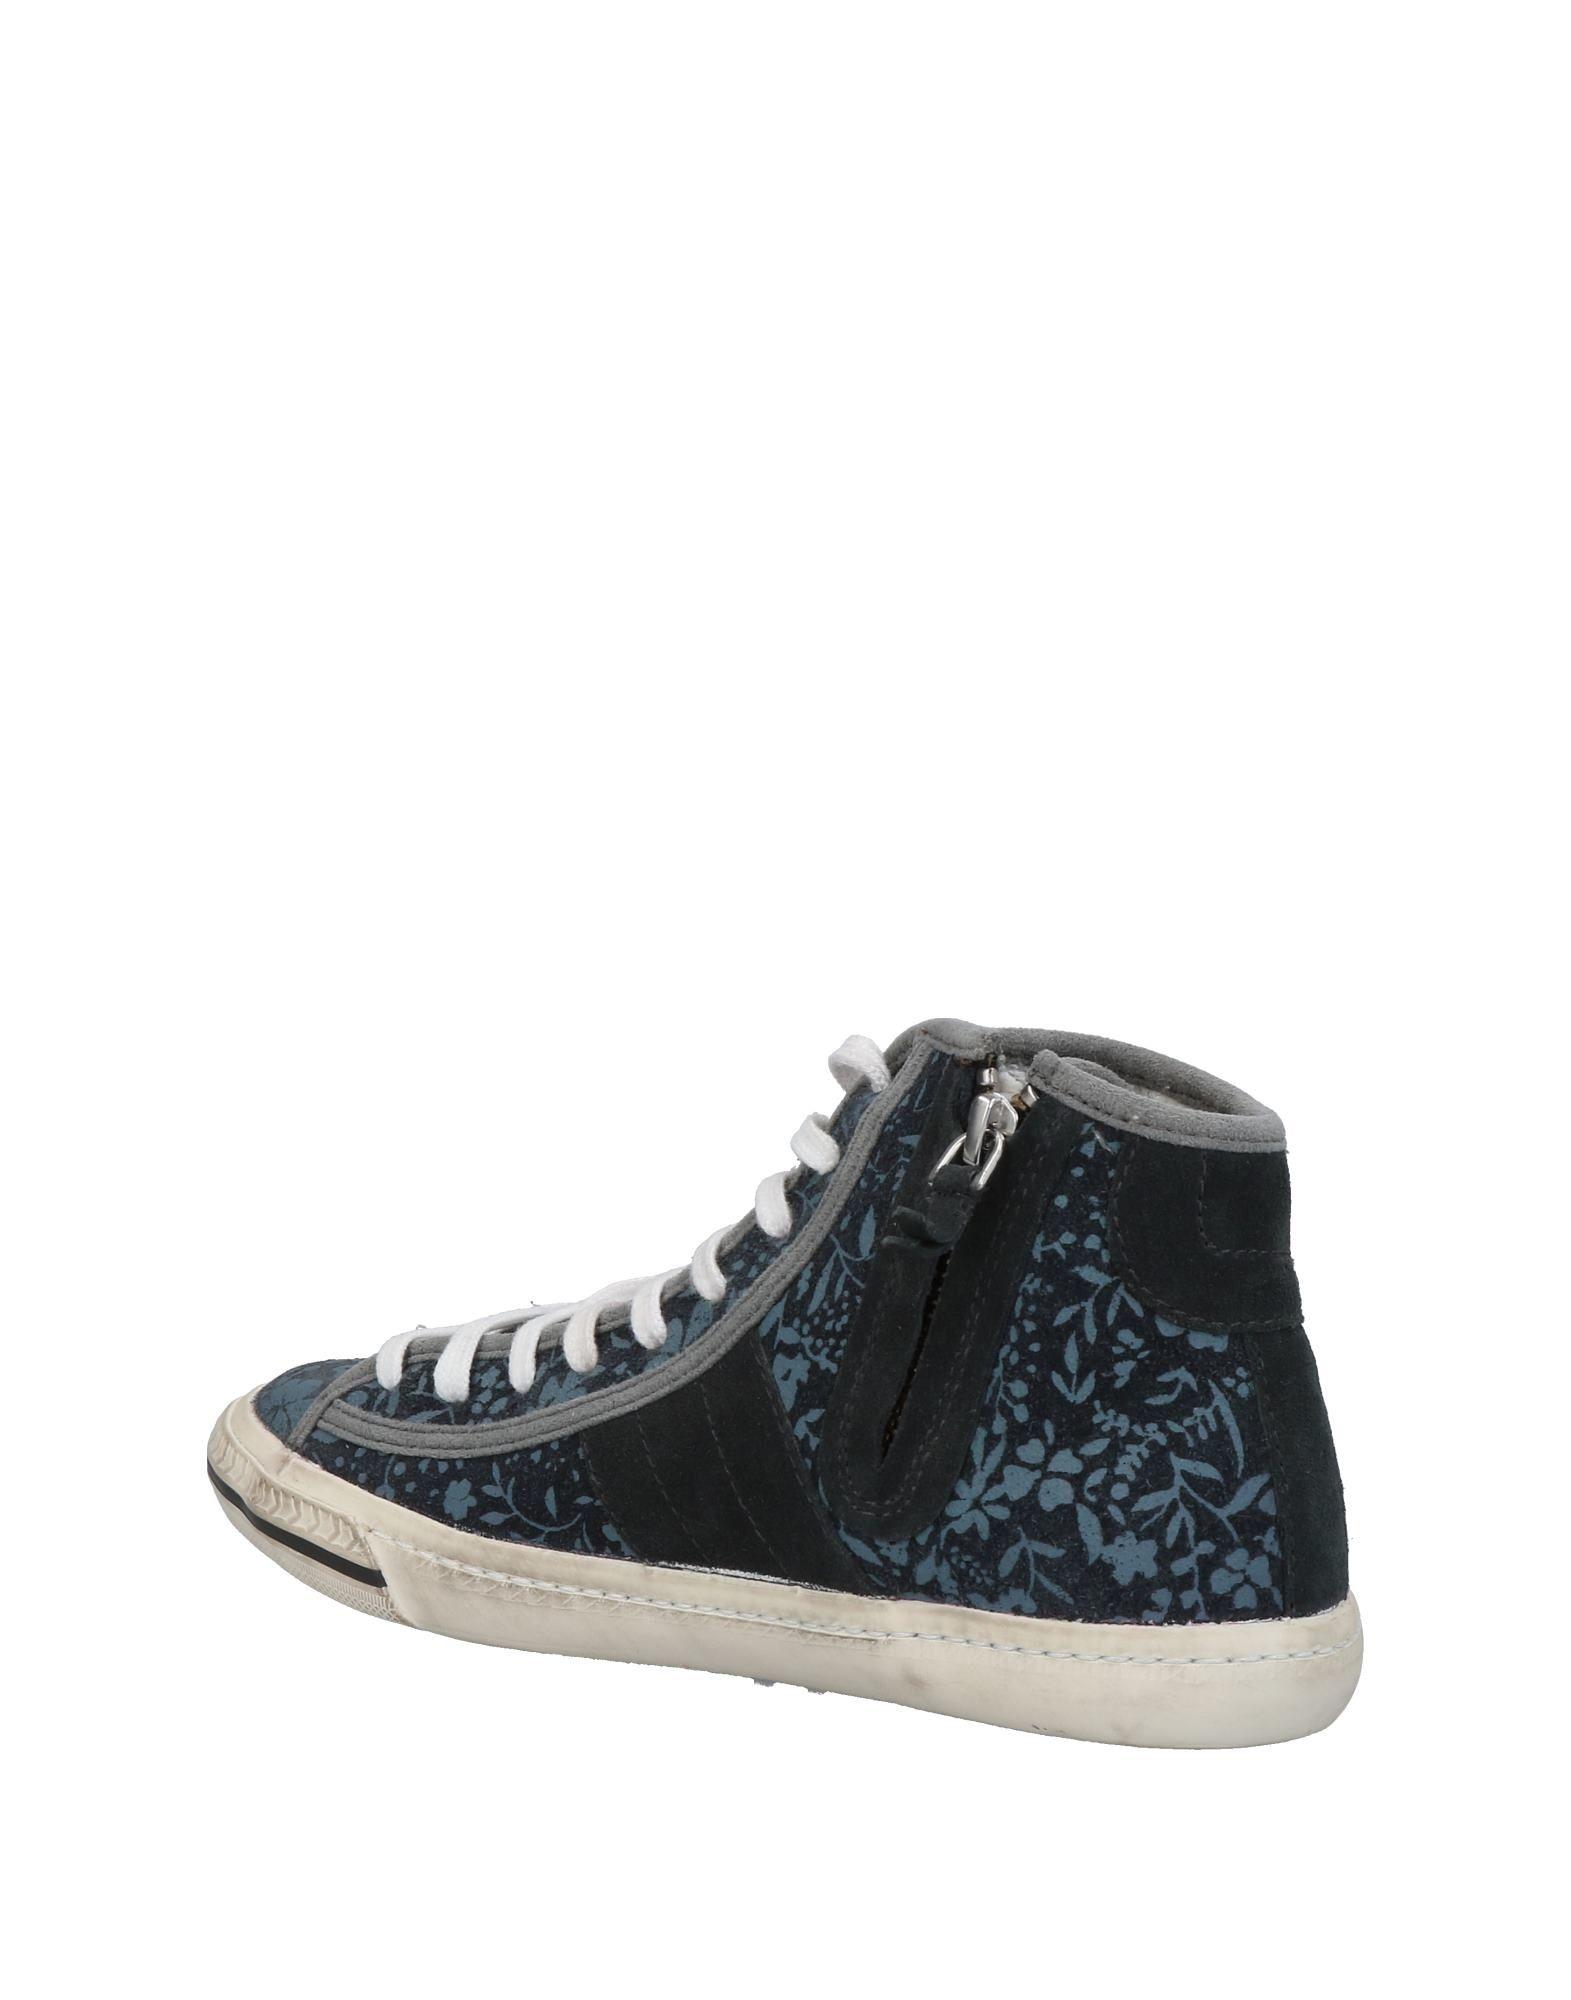 Sneakers D.A.T.E. Femme - Sneakers D.A.T.E. sur